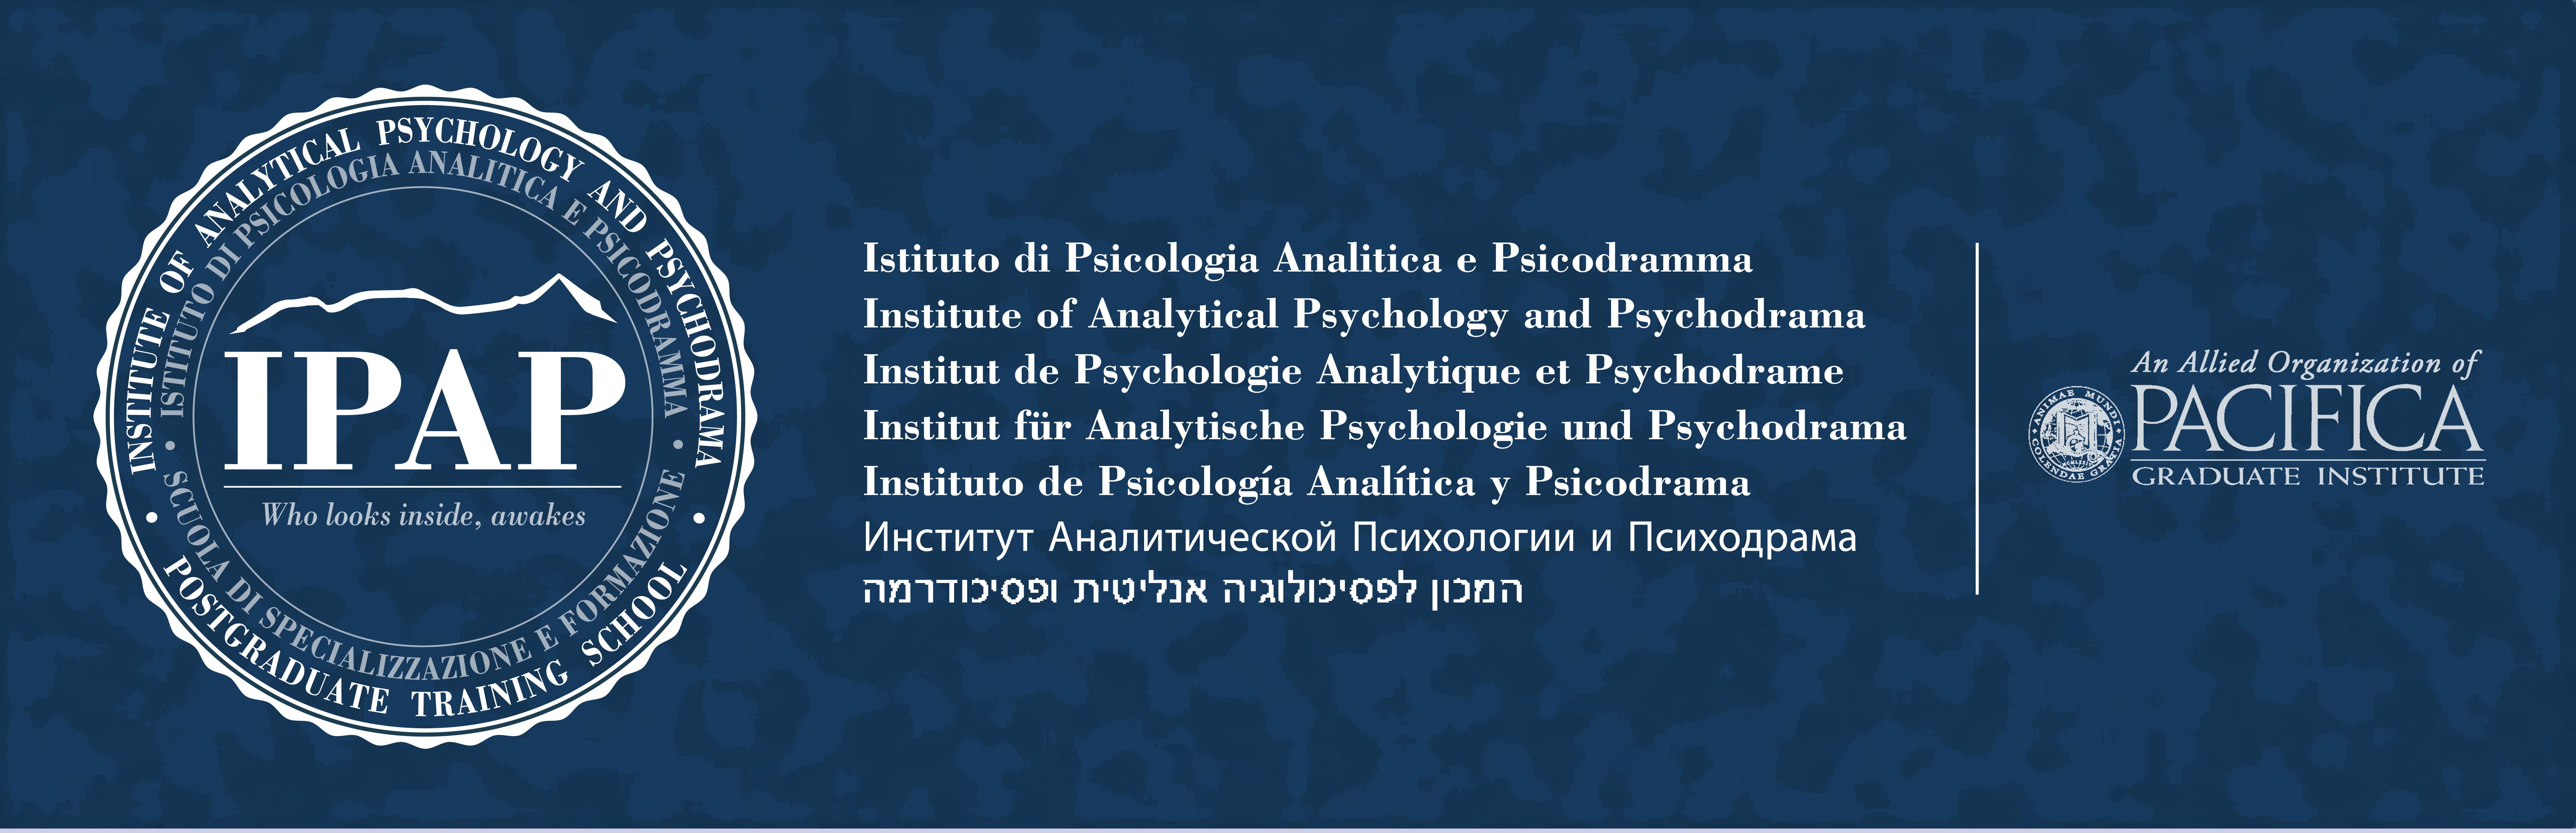 Istituto di Psicologia Analitica e Psicodramma